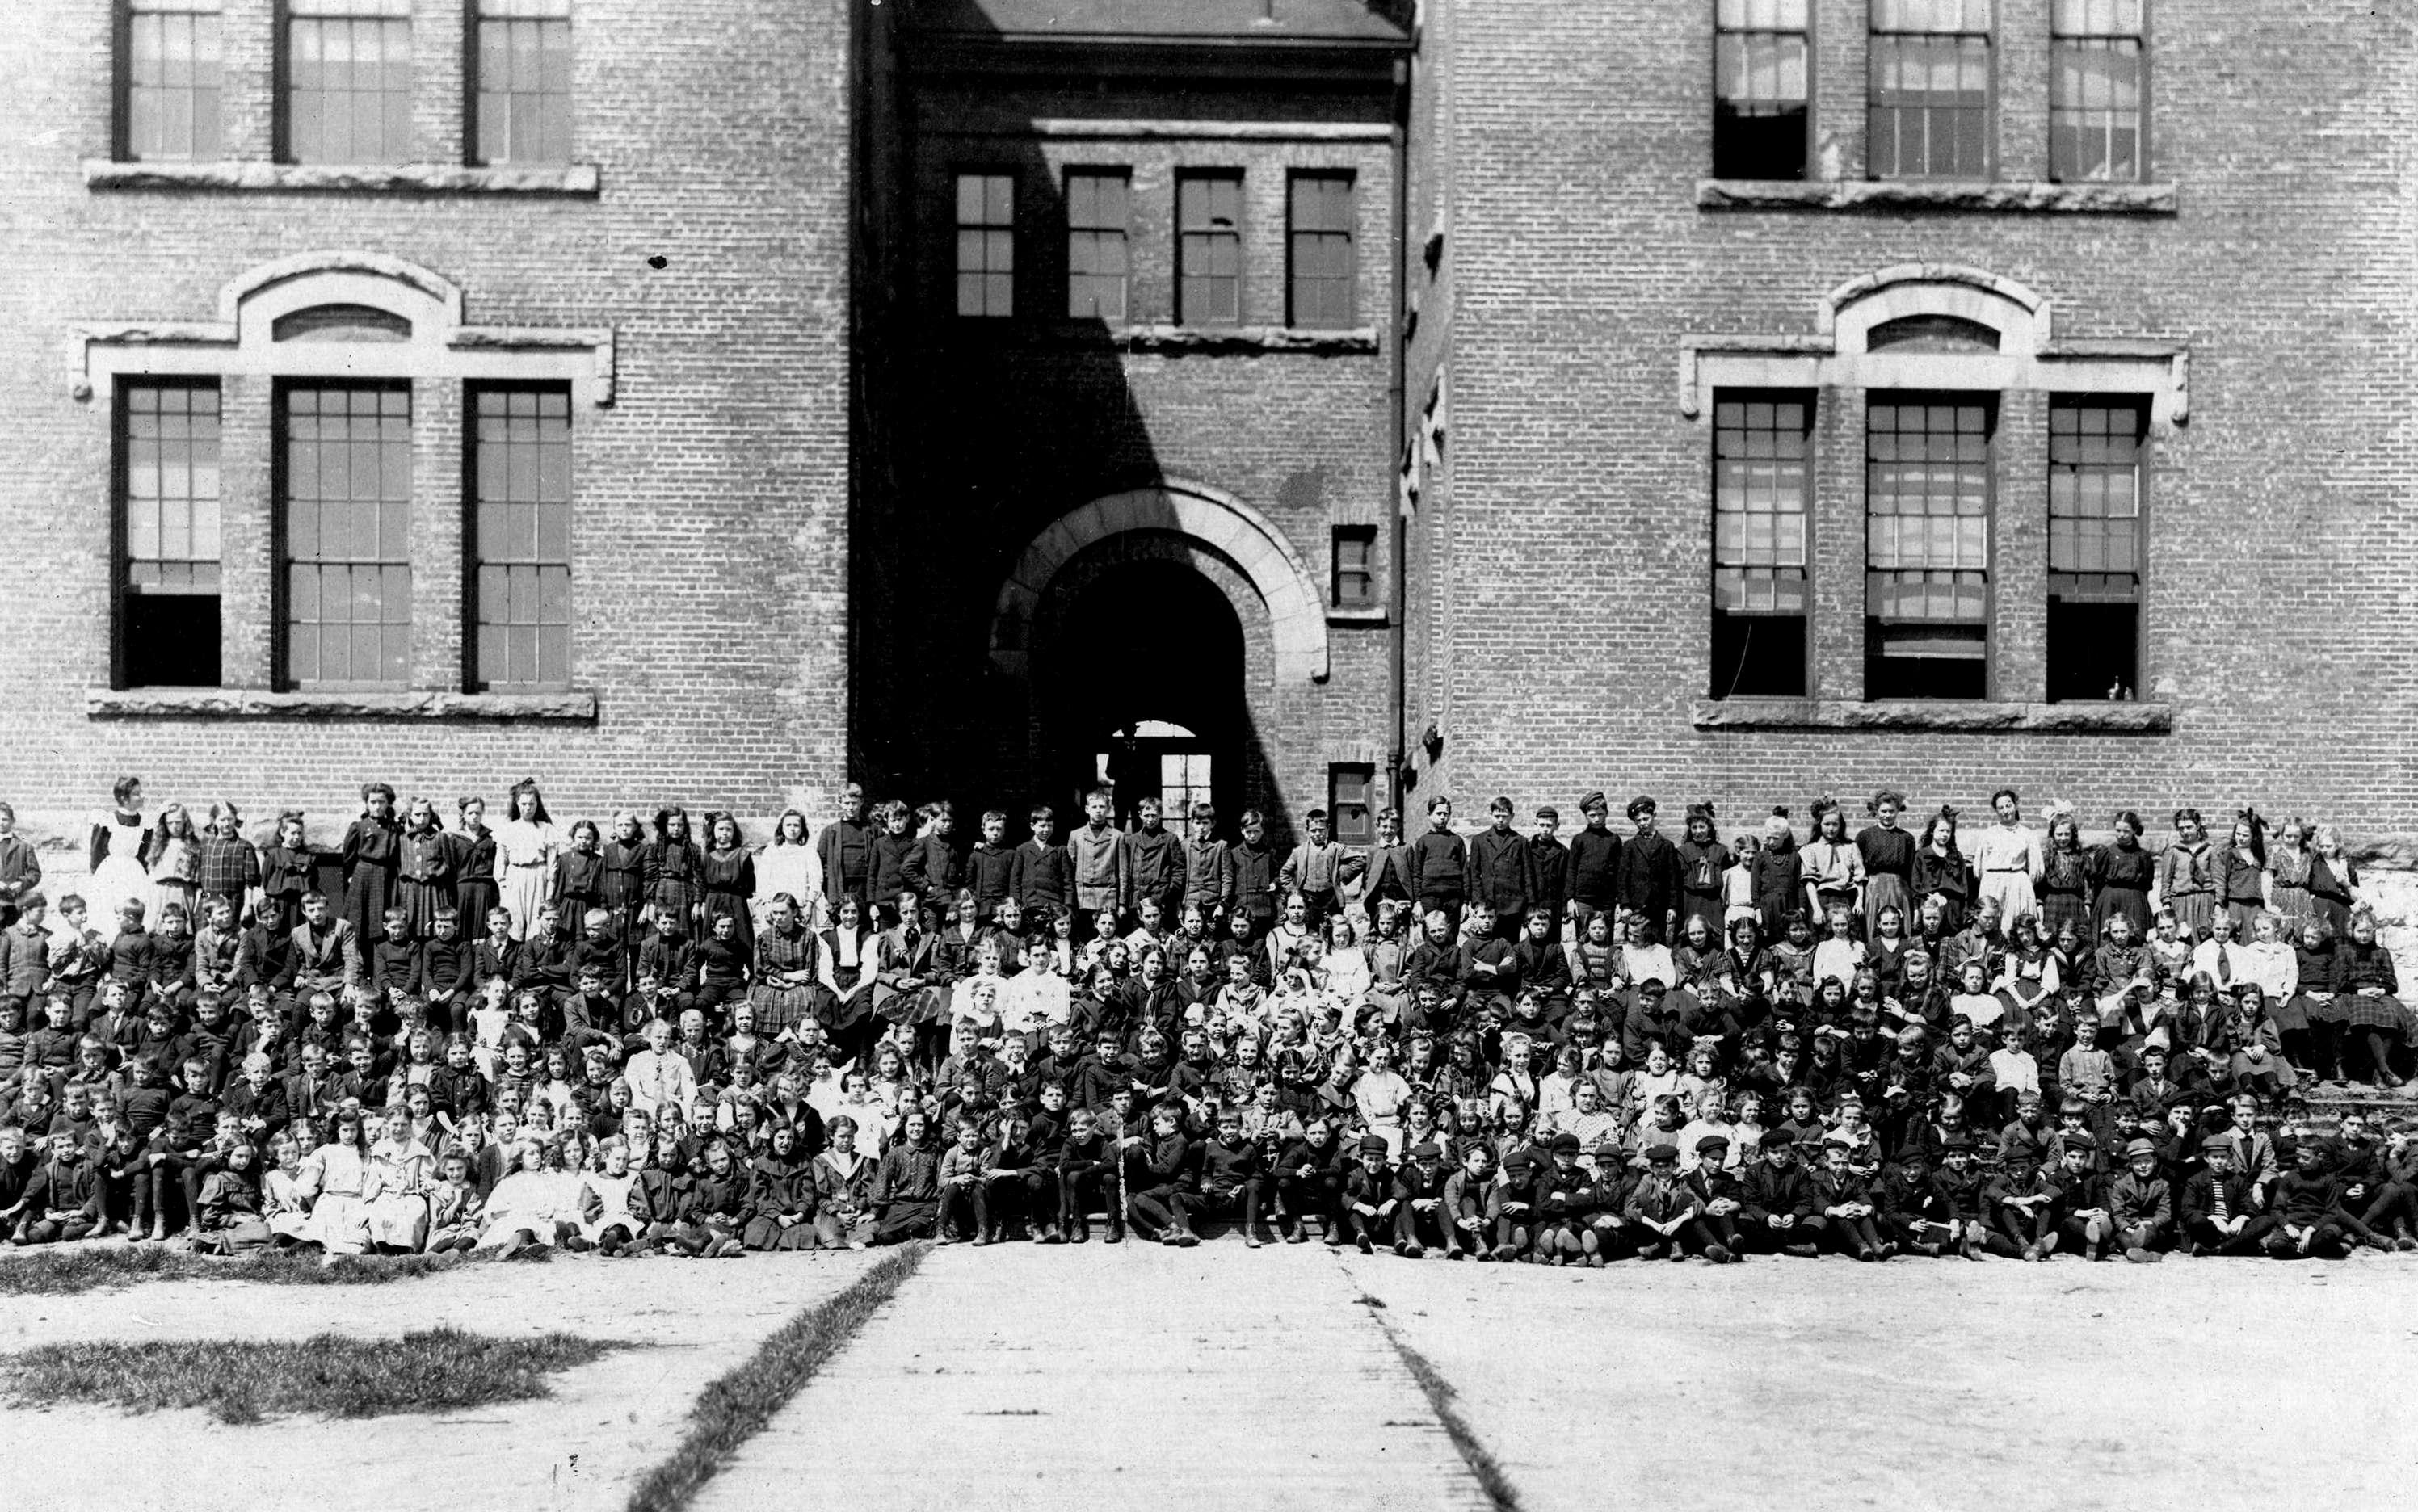 dawson-school-1905-or-06